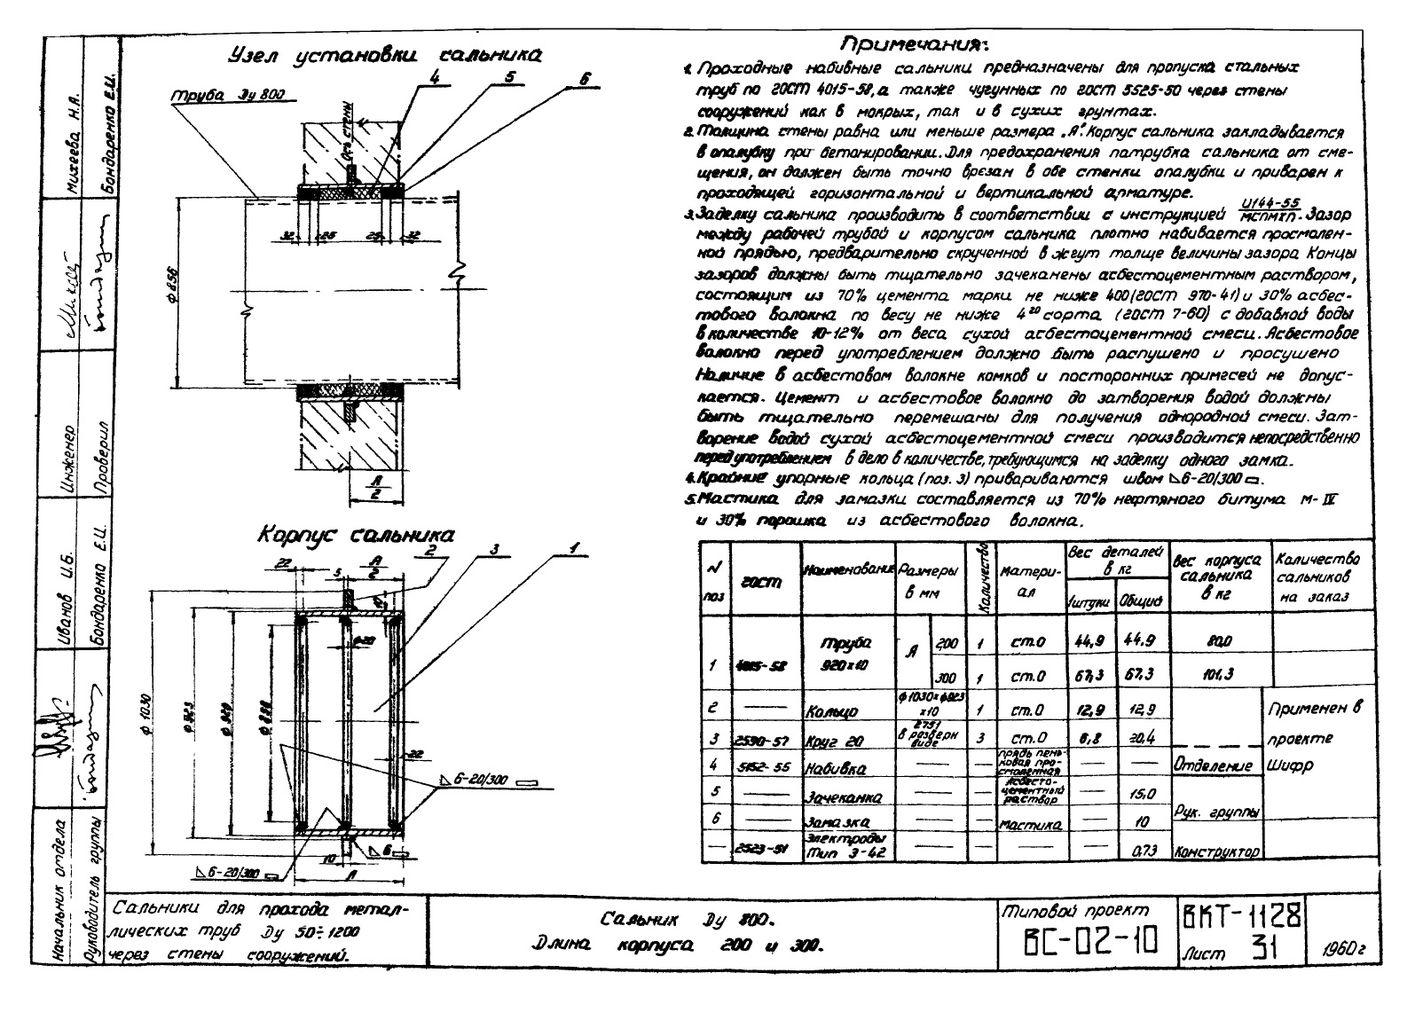 Сальники набивные L = 300 мм типовой проект ВС-02-10 стр.15